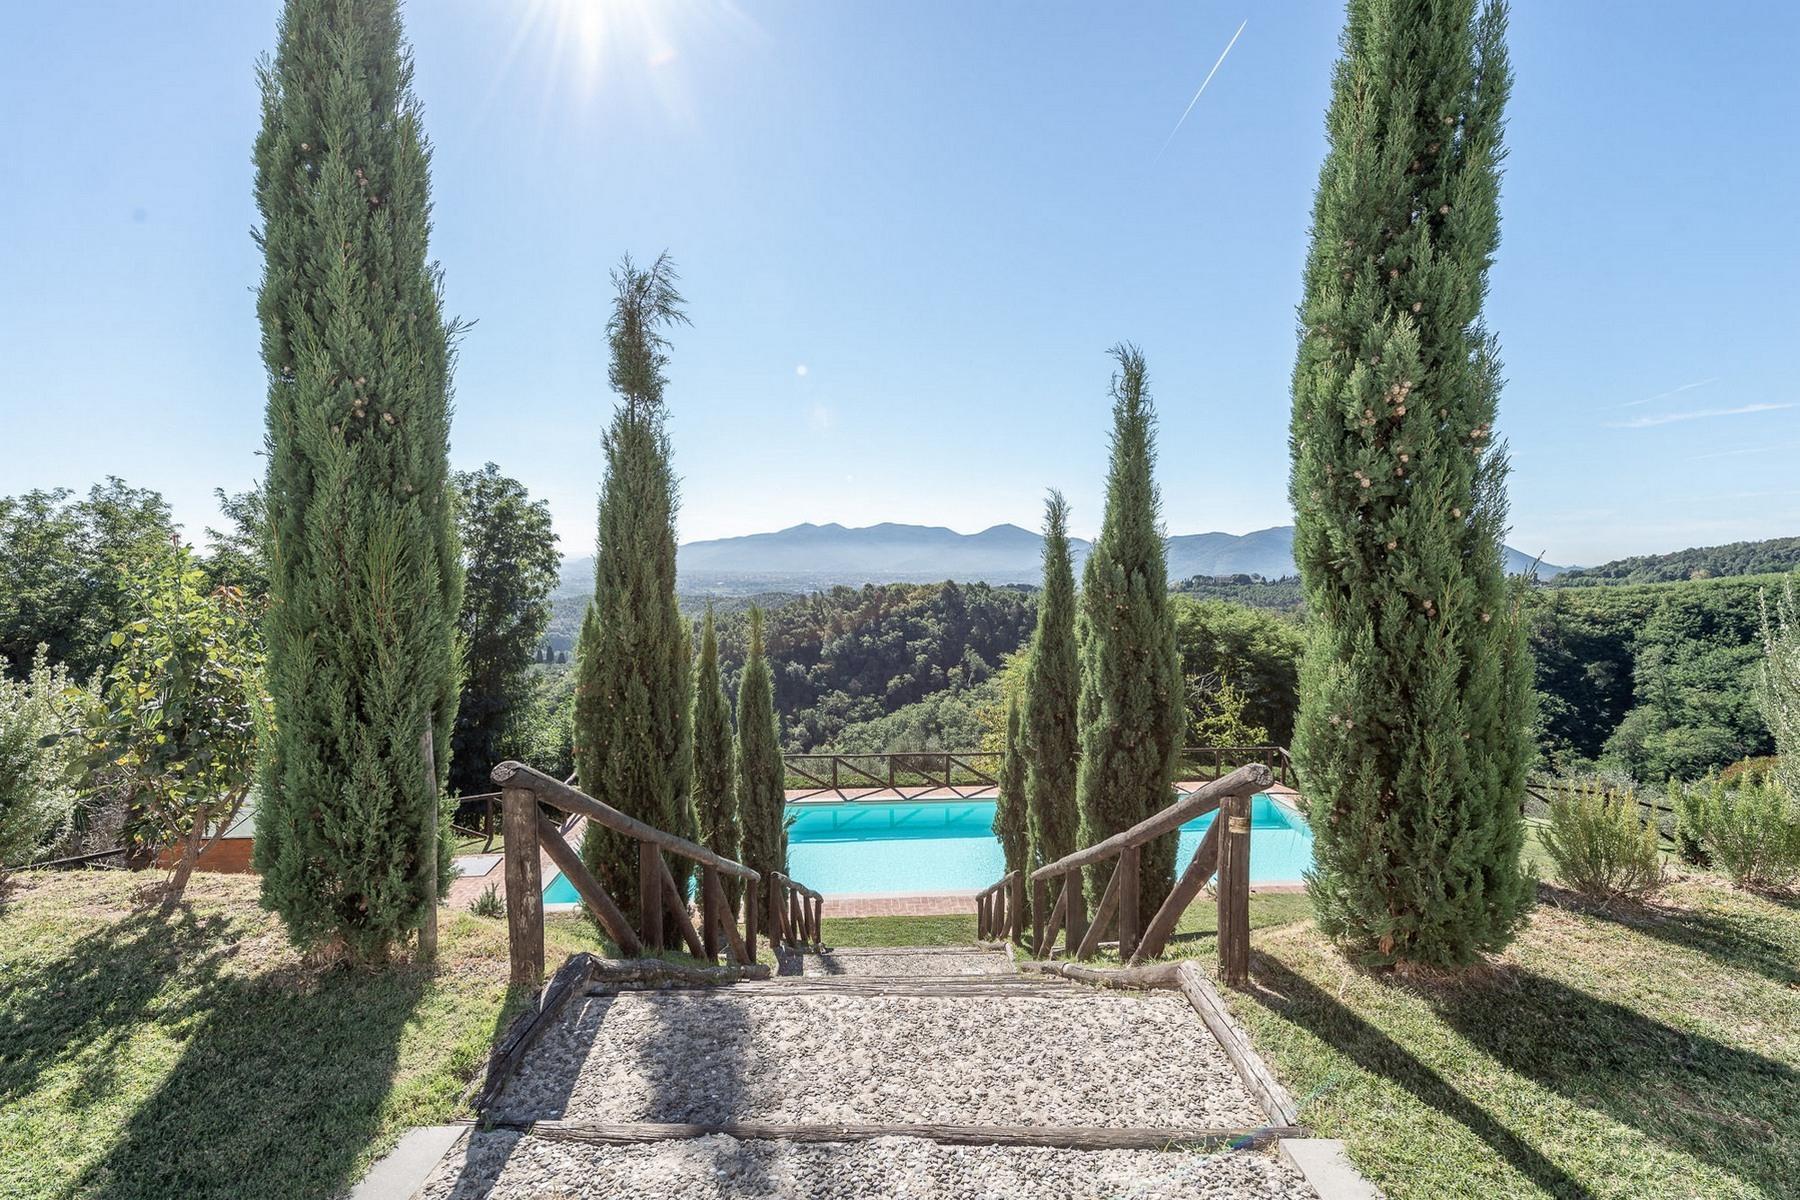 Meravigliosa villa con piscina sulle colline di Pieve Santo Stefano - 16